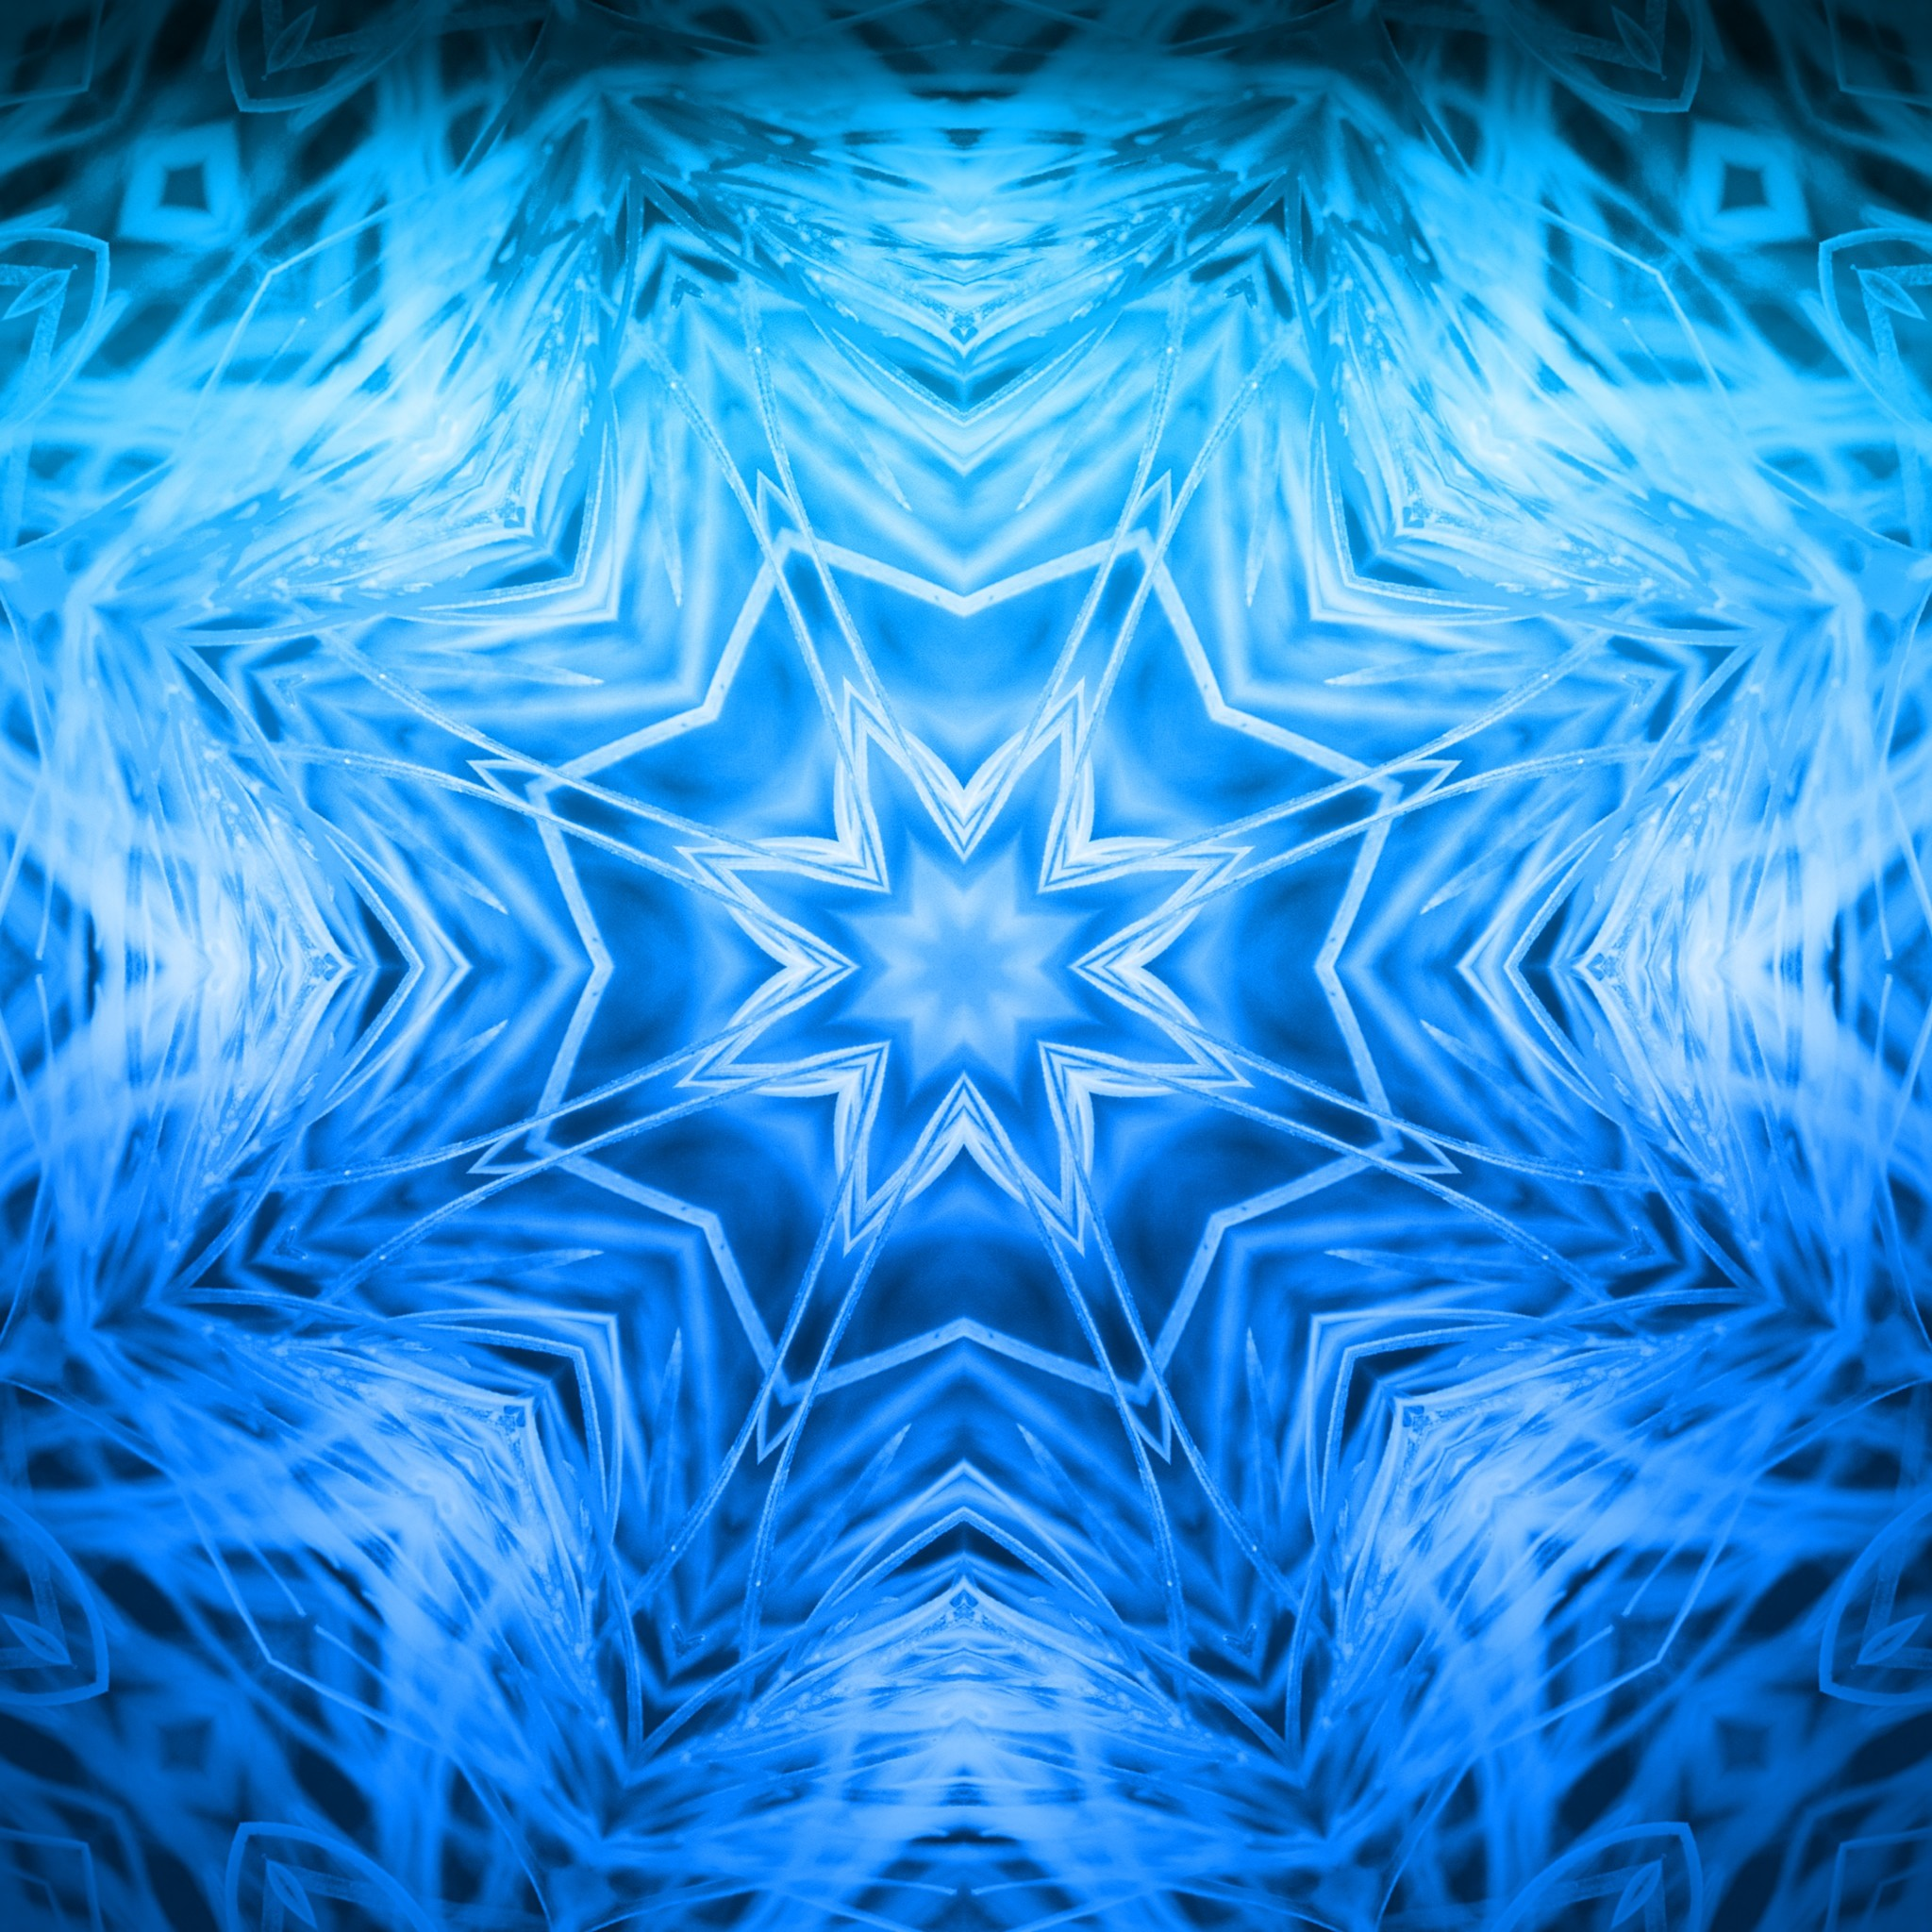 Mandala Desktop Wallpaper (63+ Images